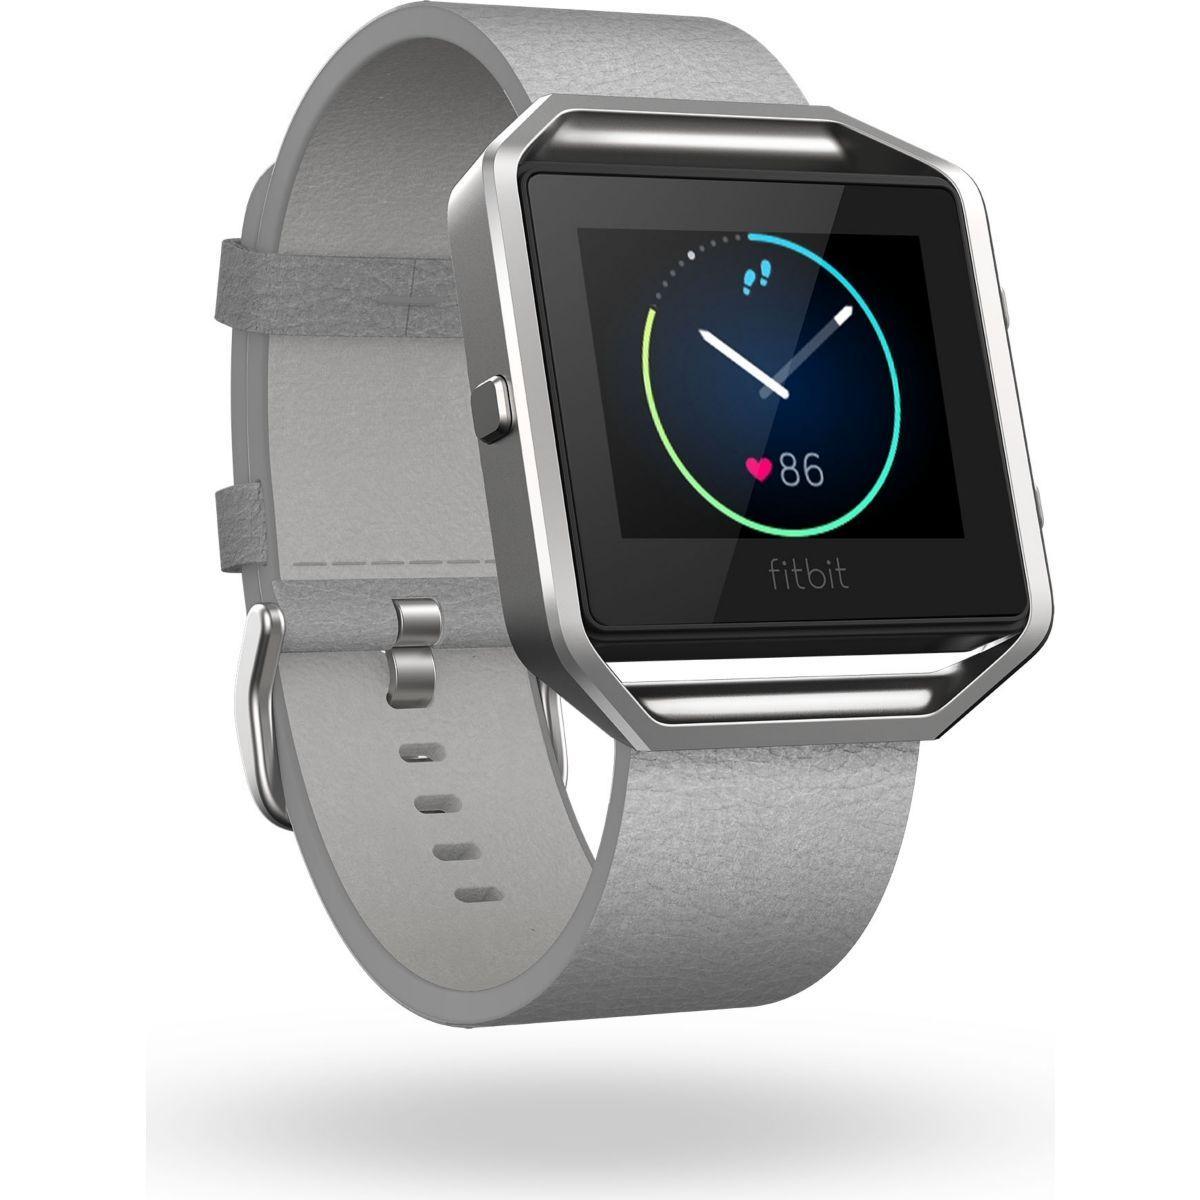 Accessoire fitbit bracelet cuir blaze grey l - 15% de remise immédiate avec le code : top15 (photo)